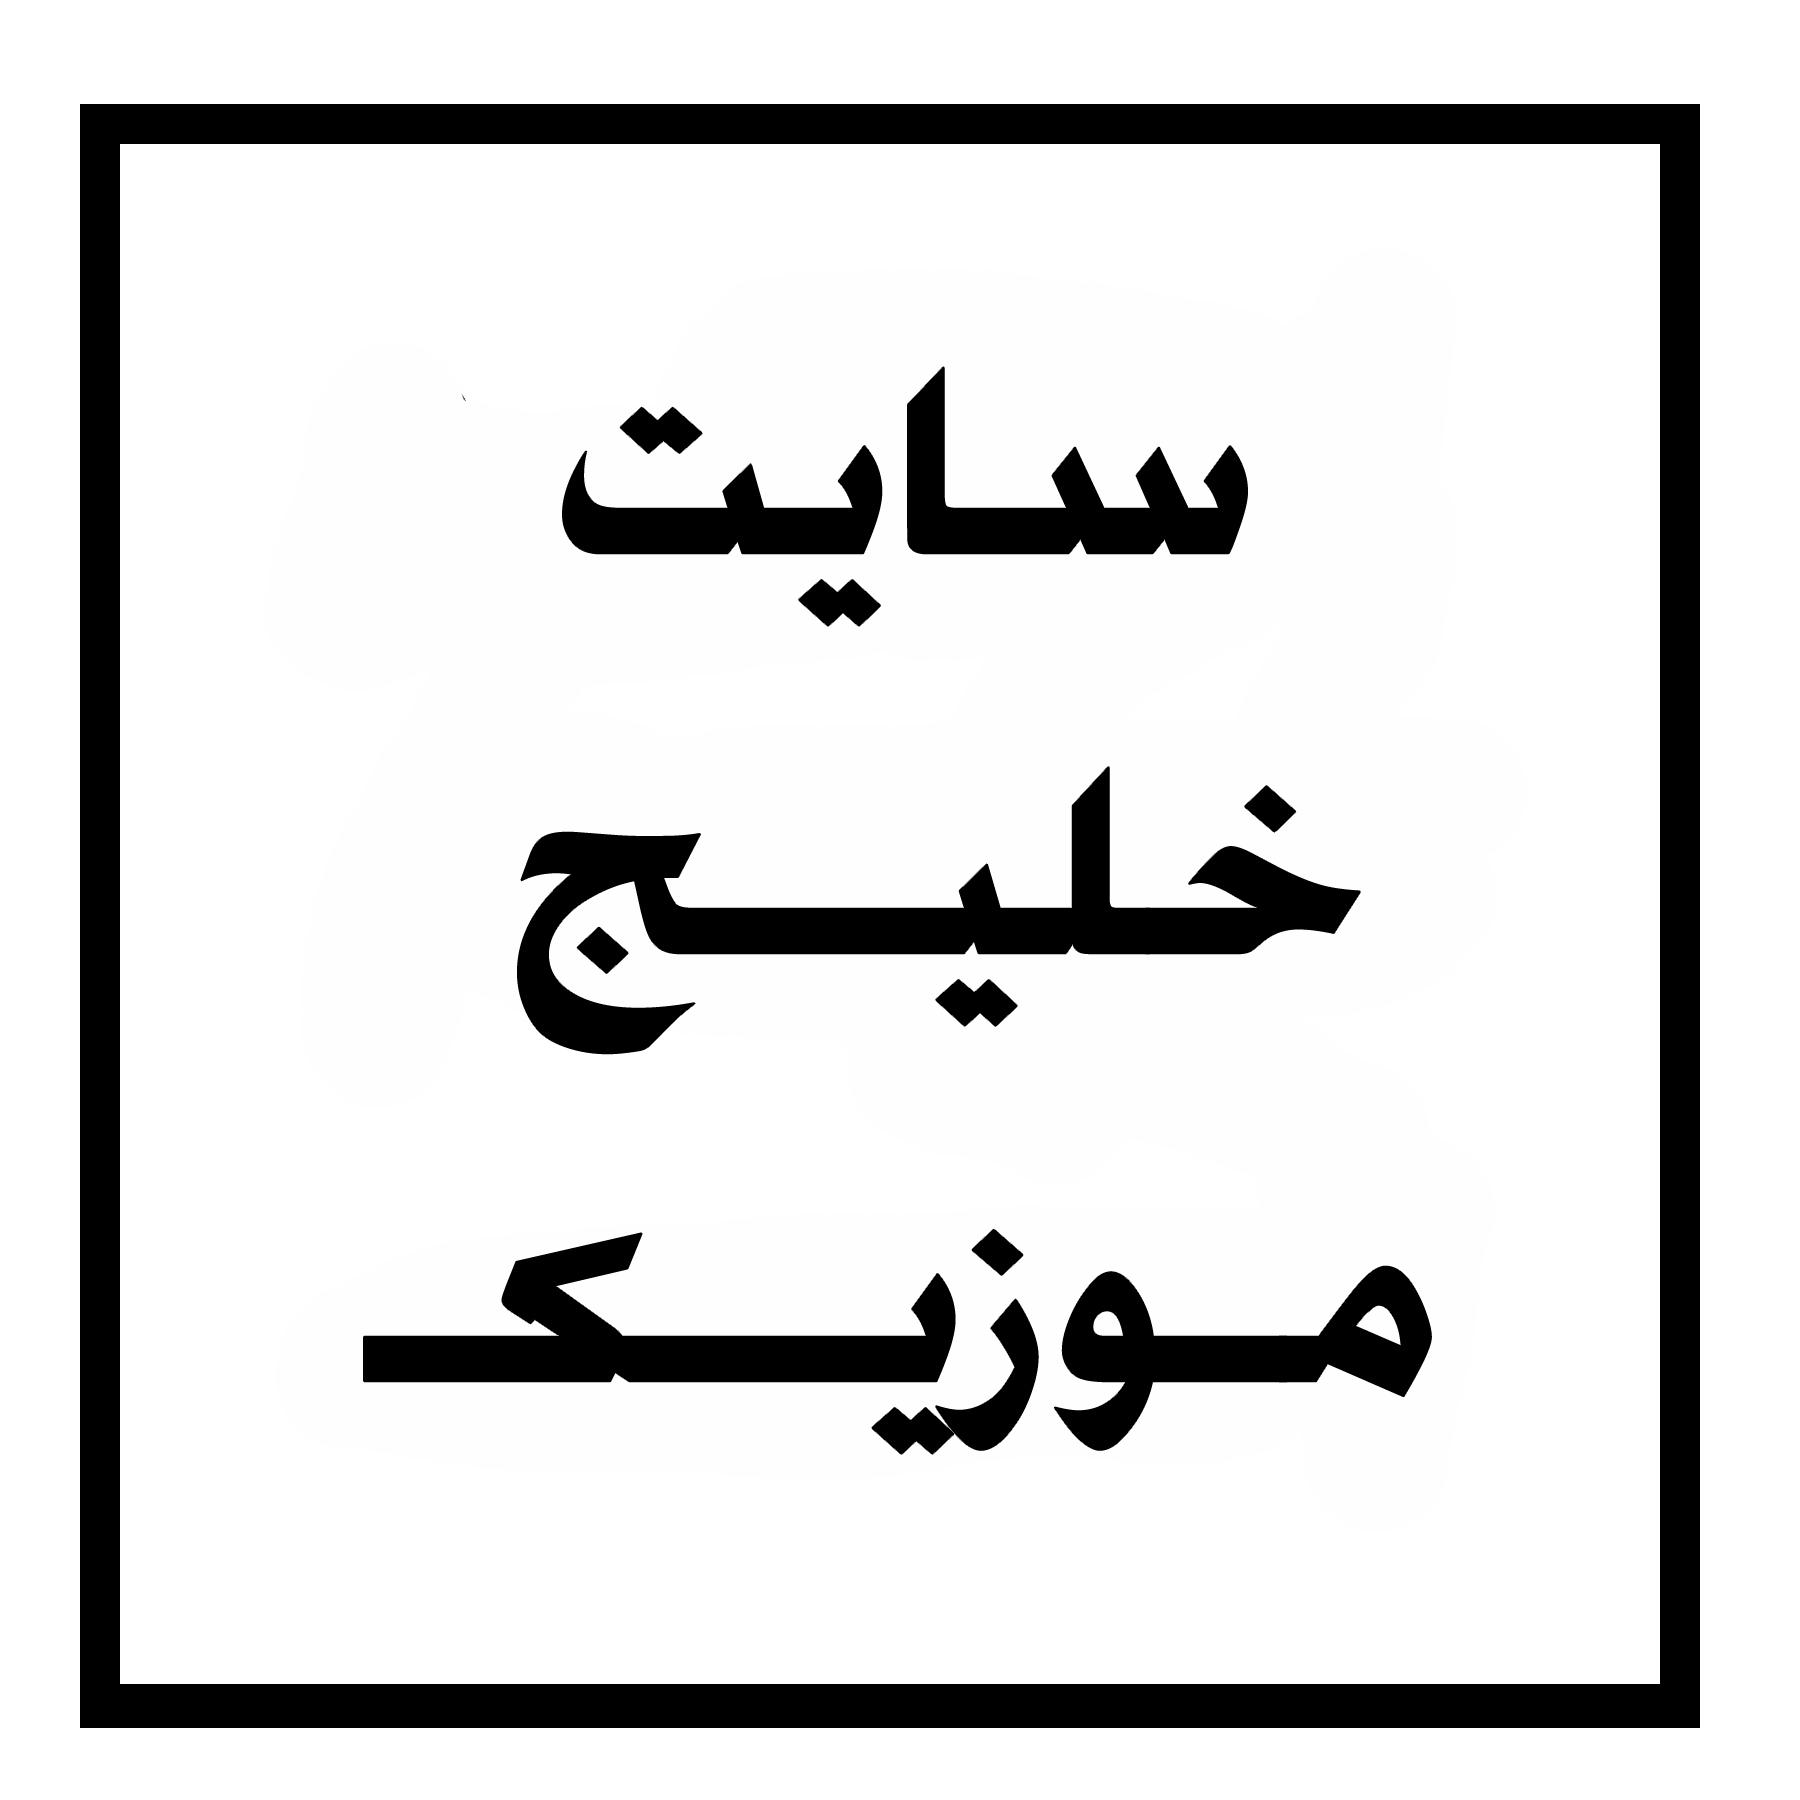 محمد امین فراقی و فرزاد خراجی پور دانلود آهنگ جدید اجرای زنده و بسیار زیبا و شنیدنی بصورت حفله